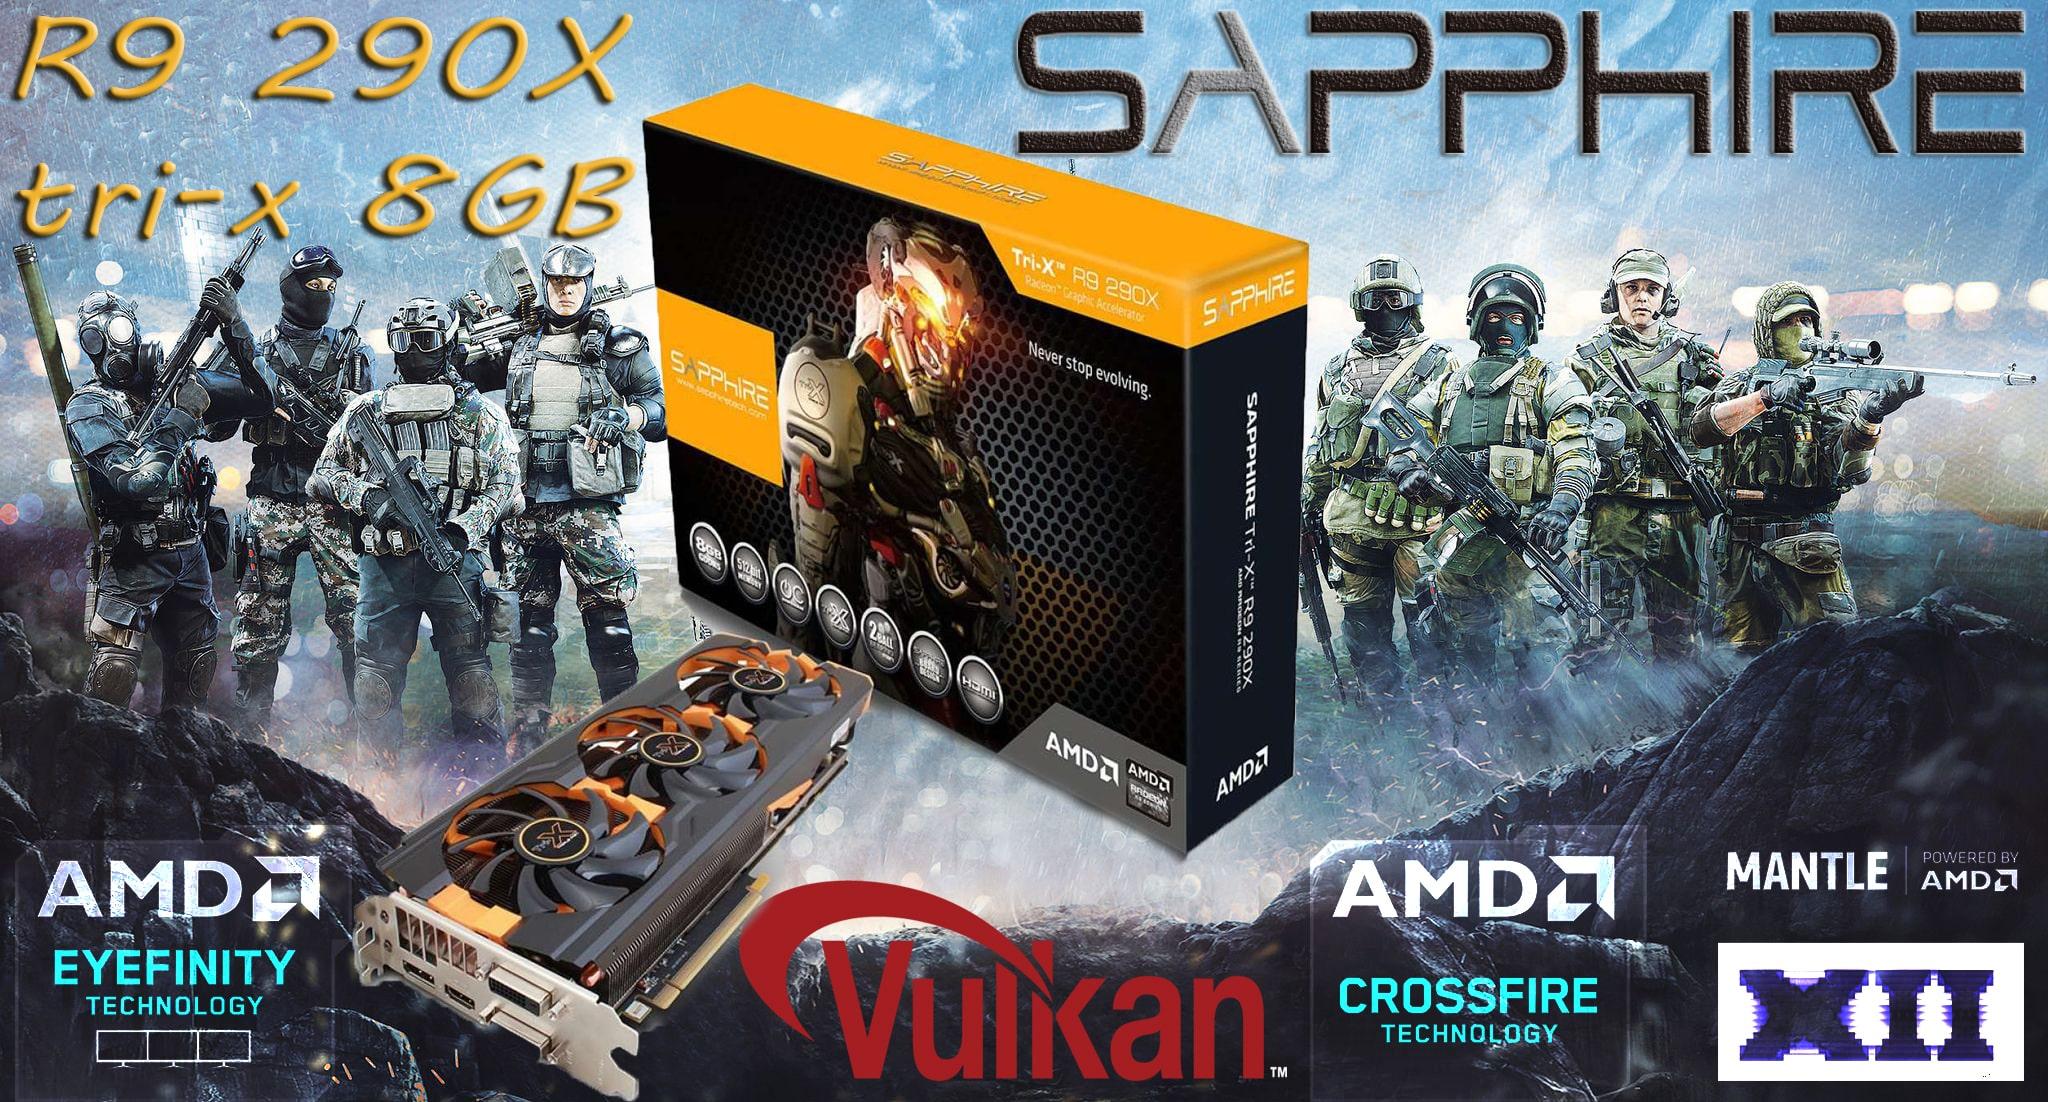 کارت گرافیک سافایر Graphic Card Sapphire Tri-X R9 290X 8GB